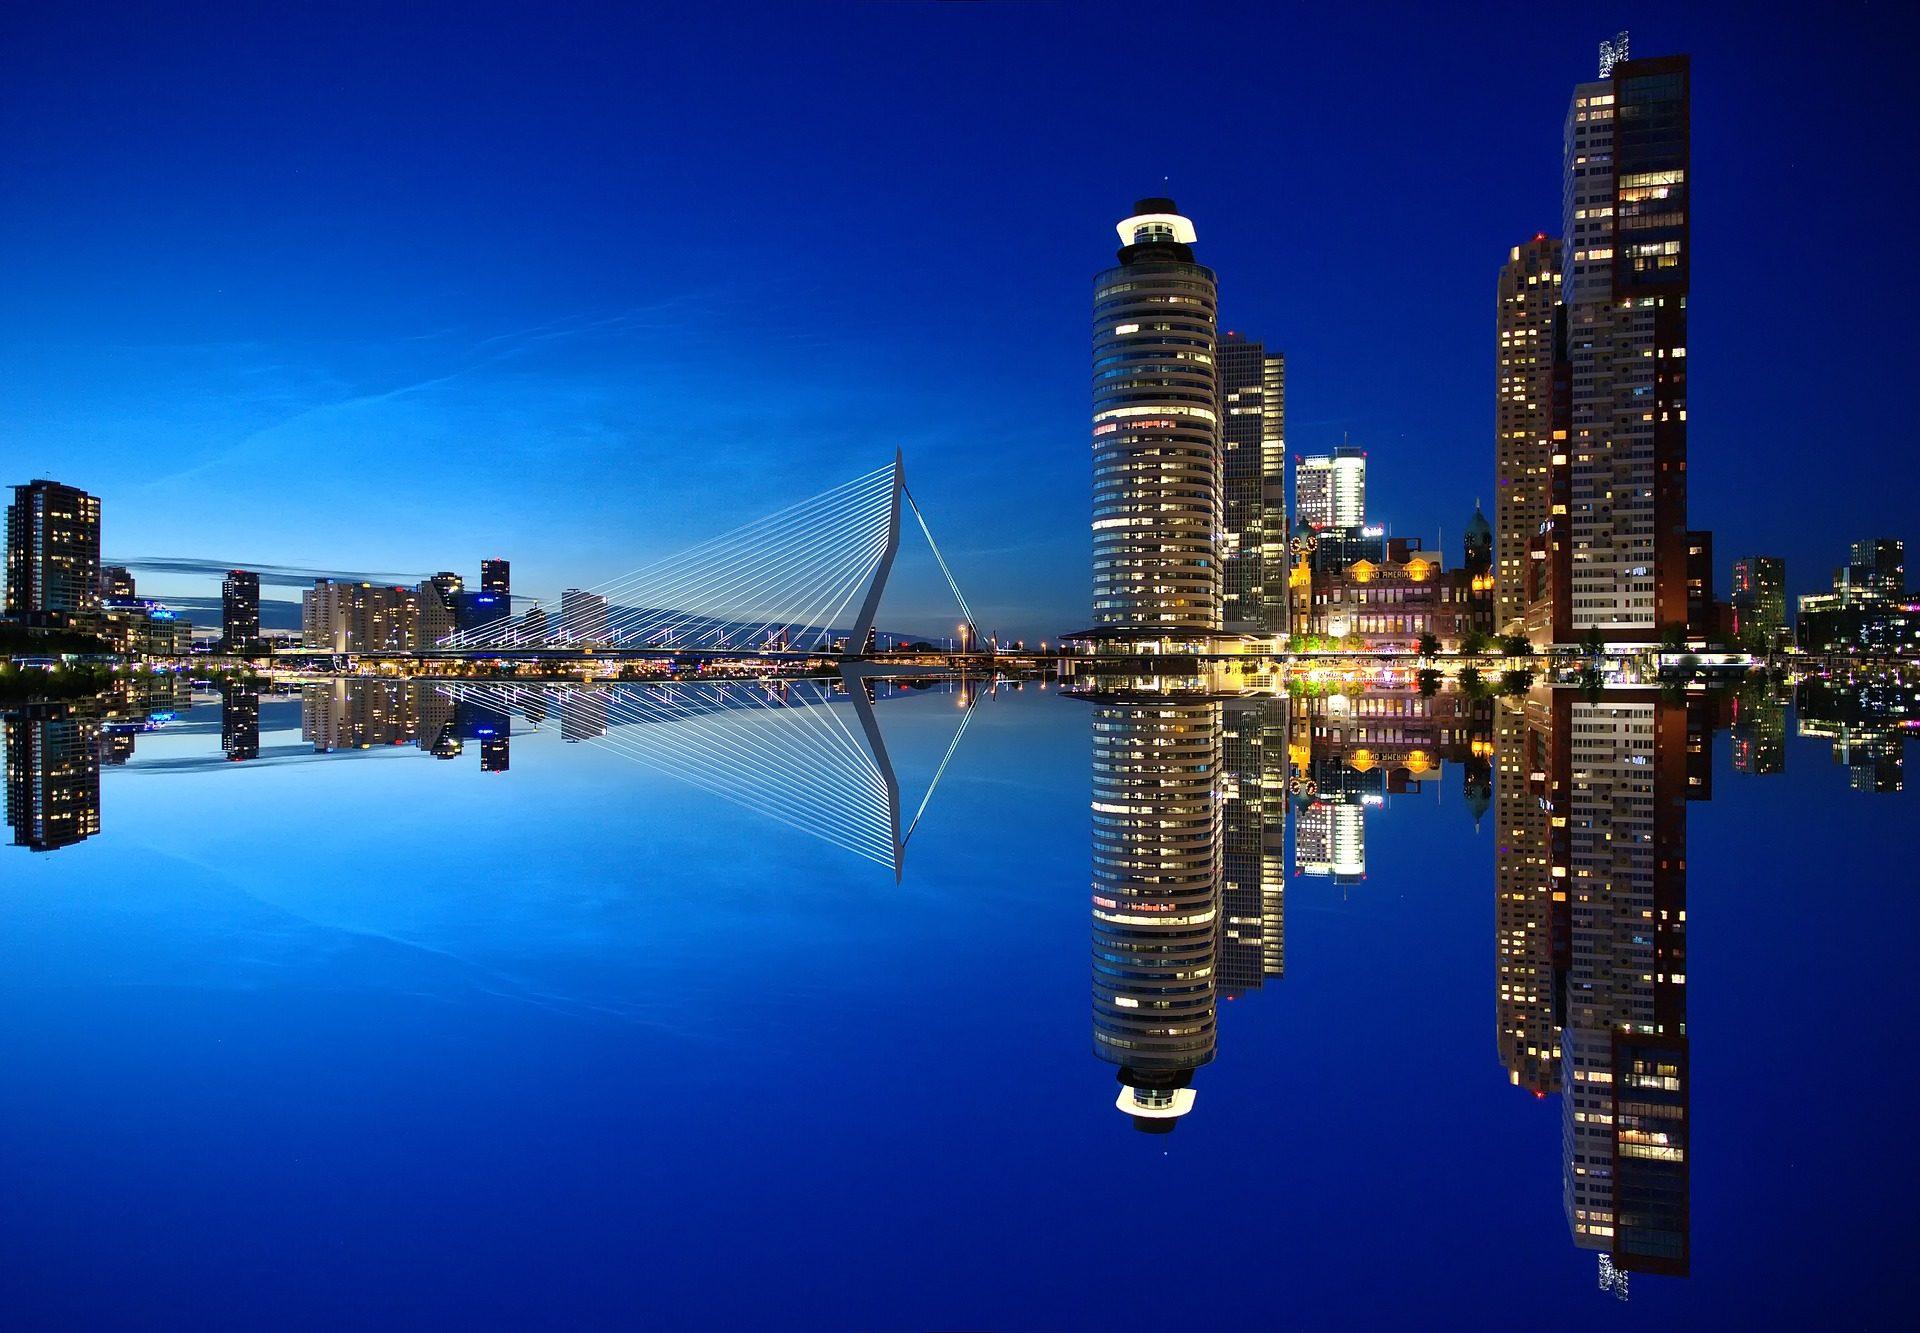 市, 夜, スカイライン, 超高層ビル, 反射, ロッテルダム - HD の壁紙 - 教授-falken.com